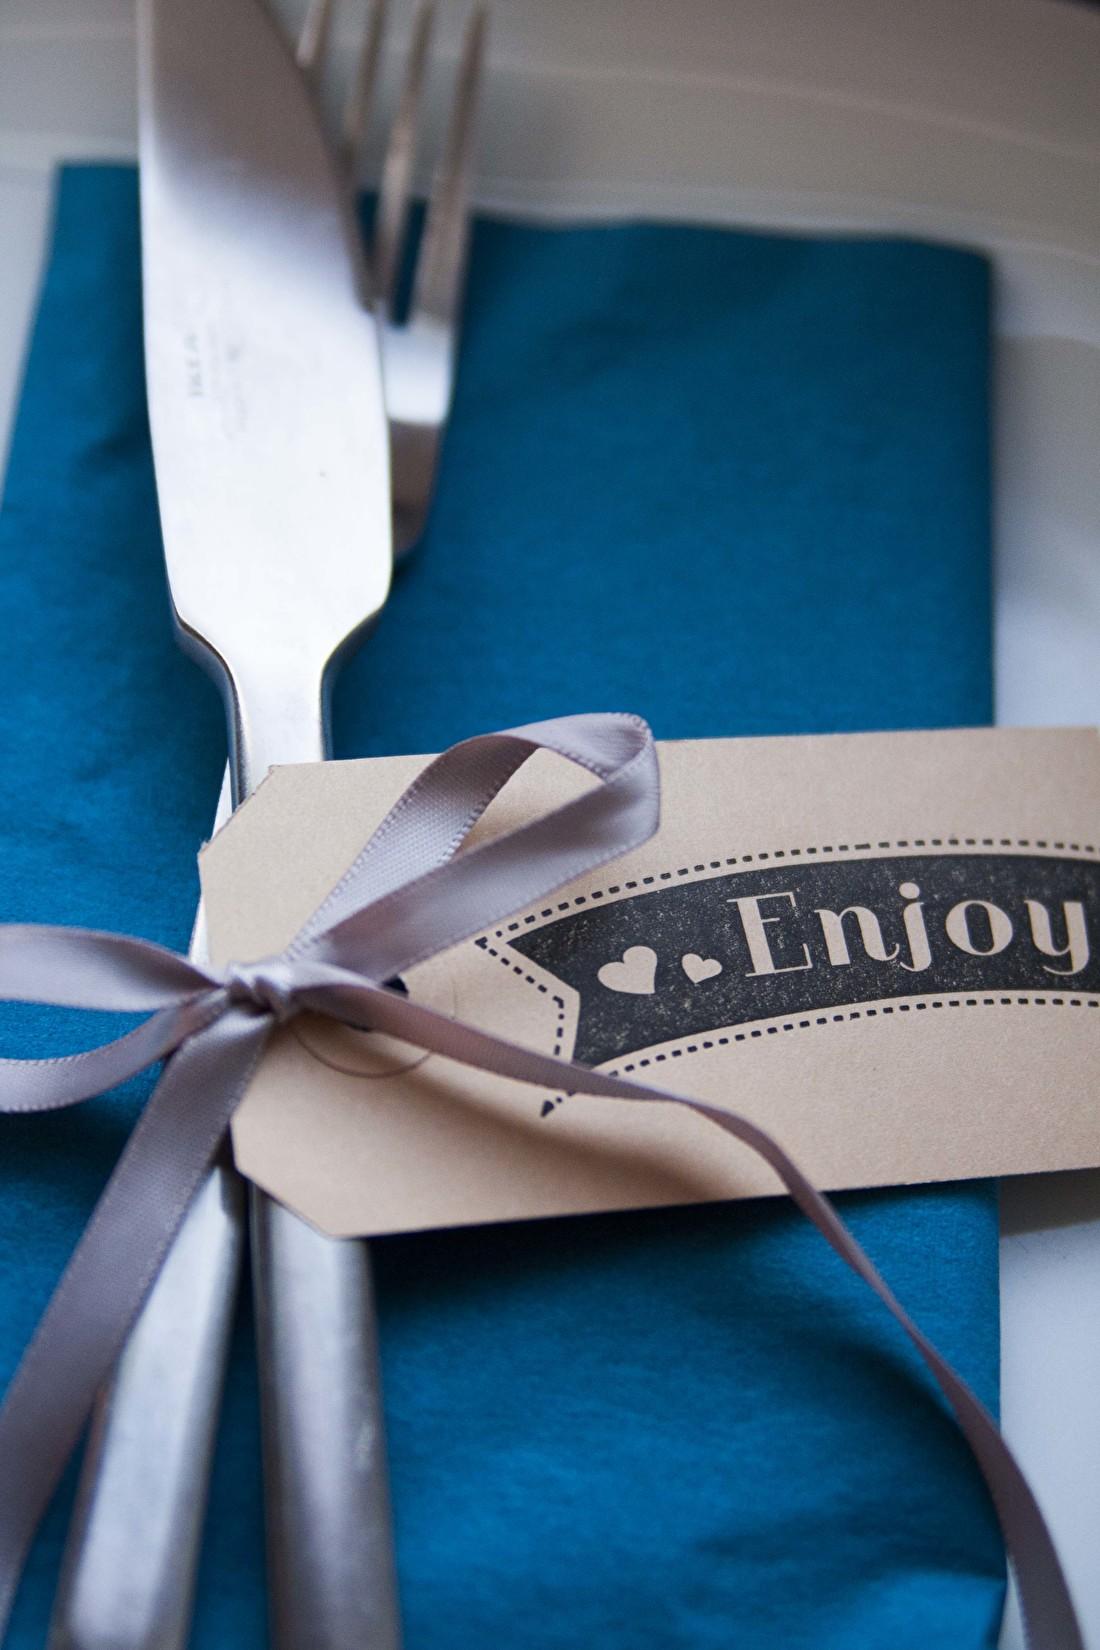 enjoy stempel diner met vrienden en familie tafelaankleding decoratie